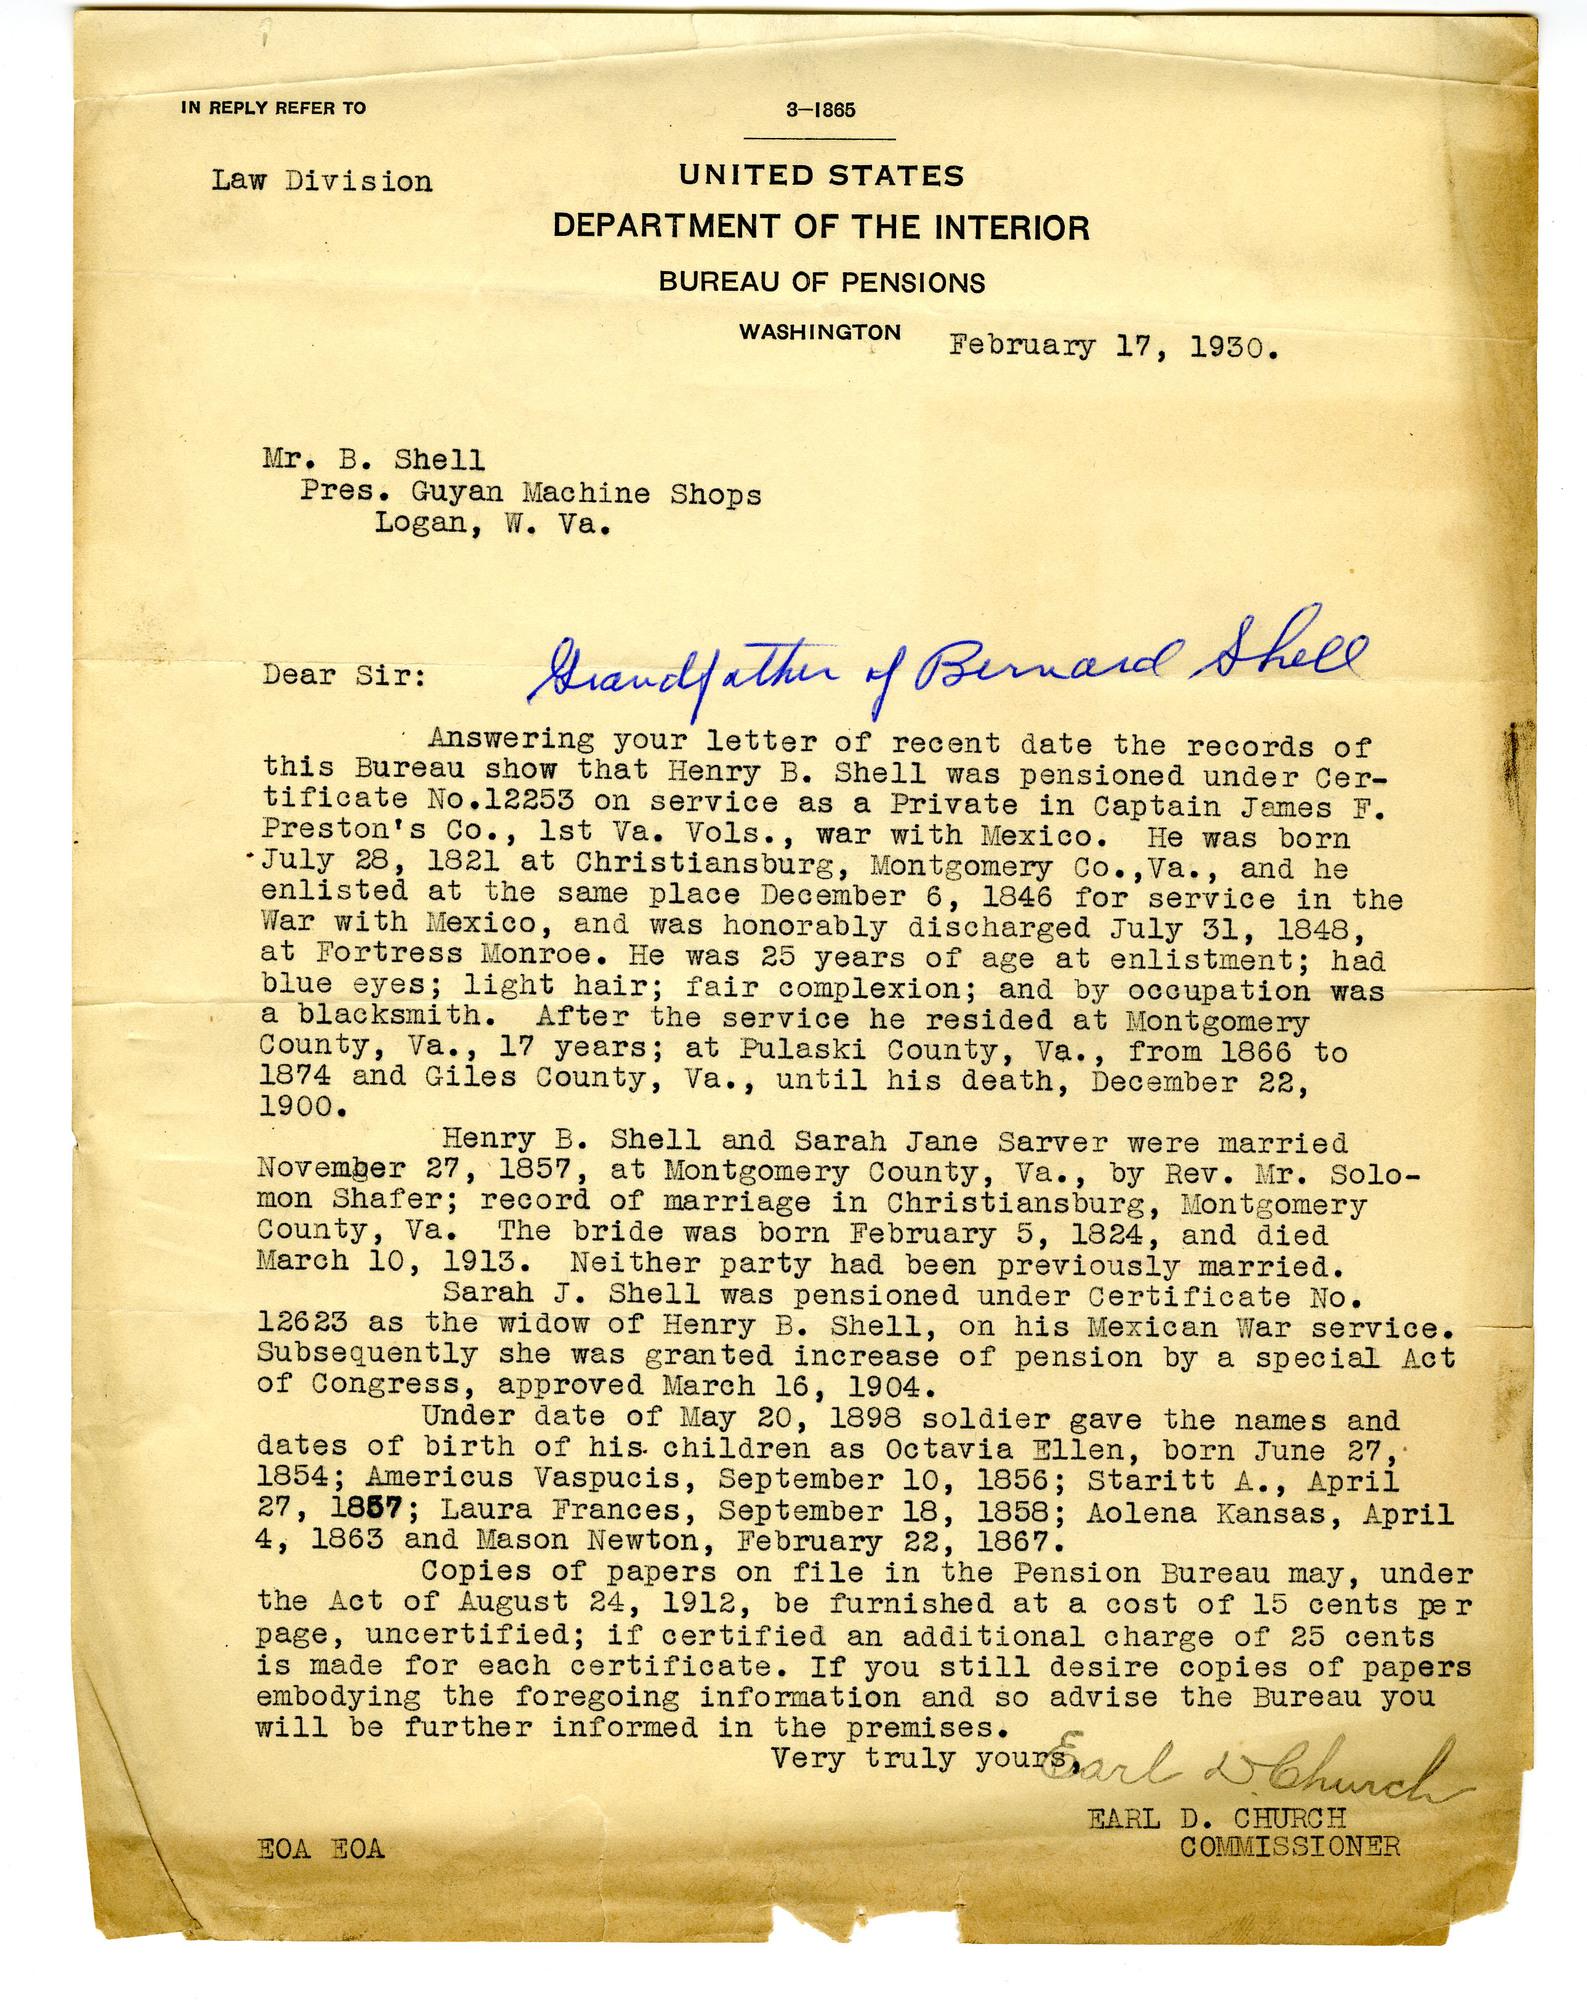 Ms1959_001_Letter_Feb17_1930.jpg